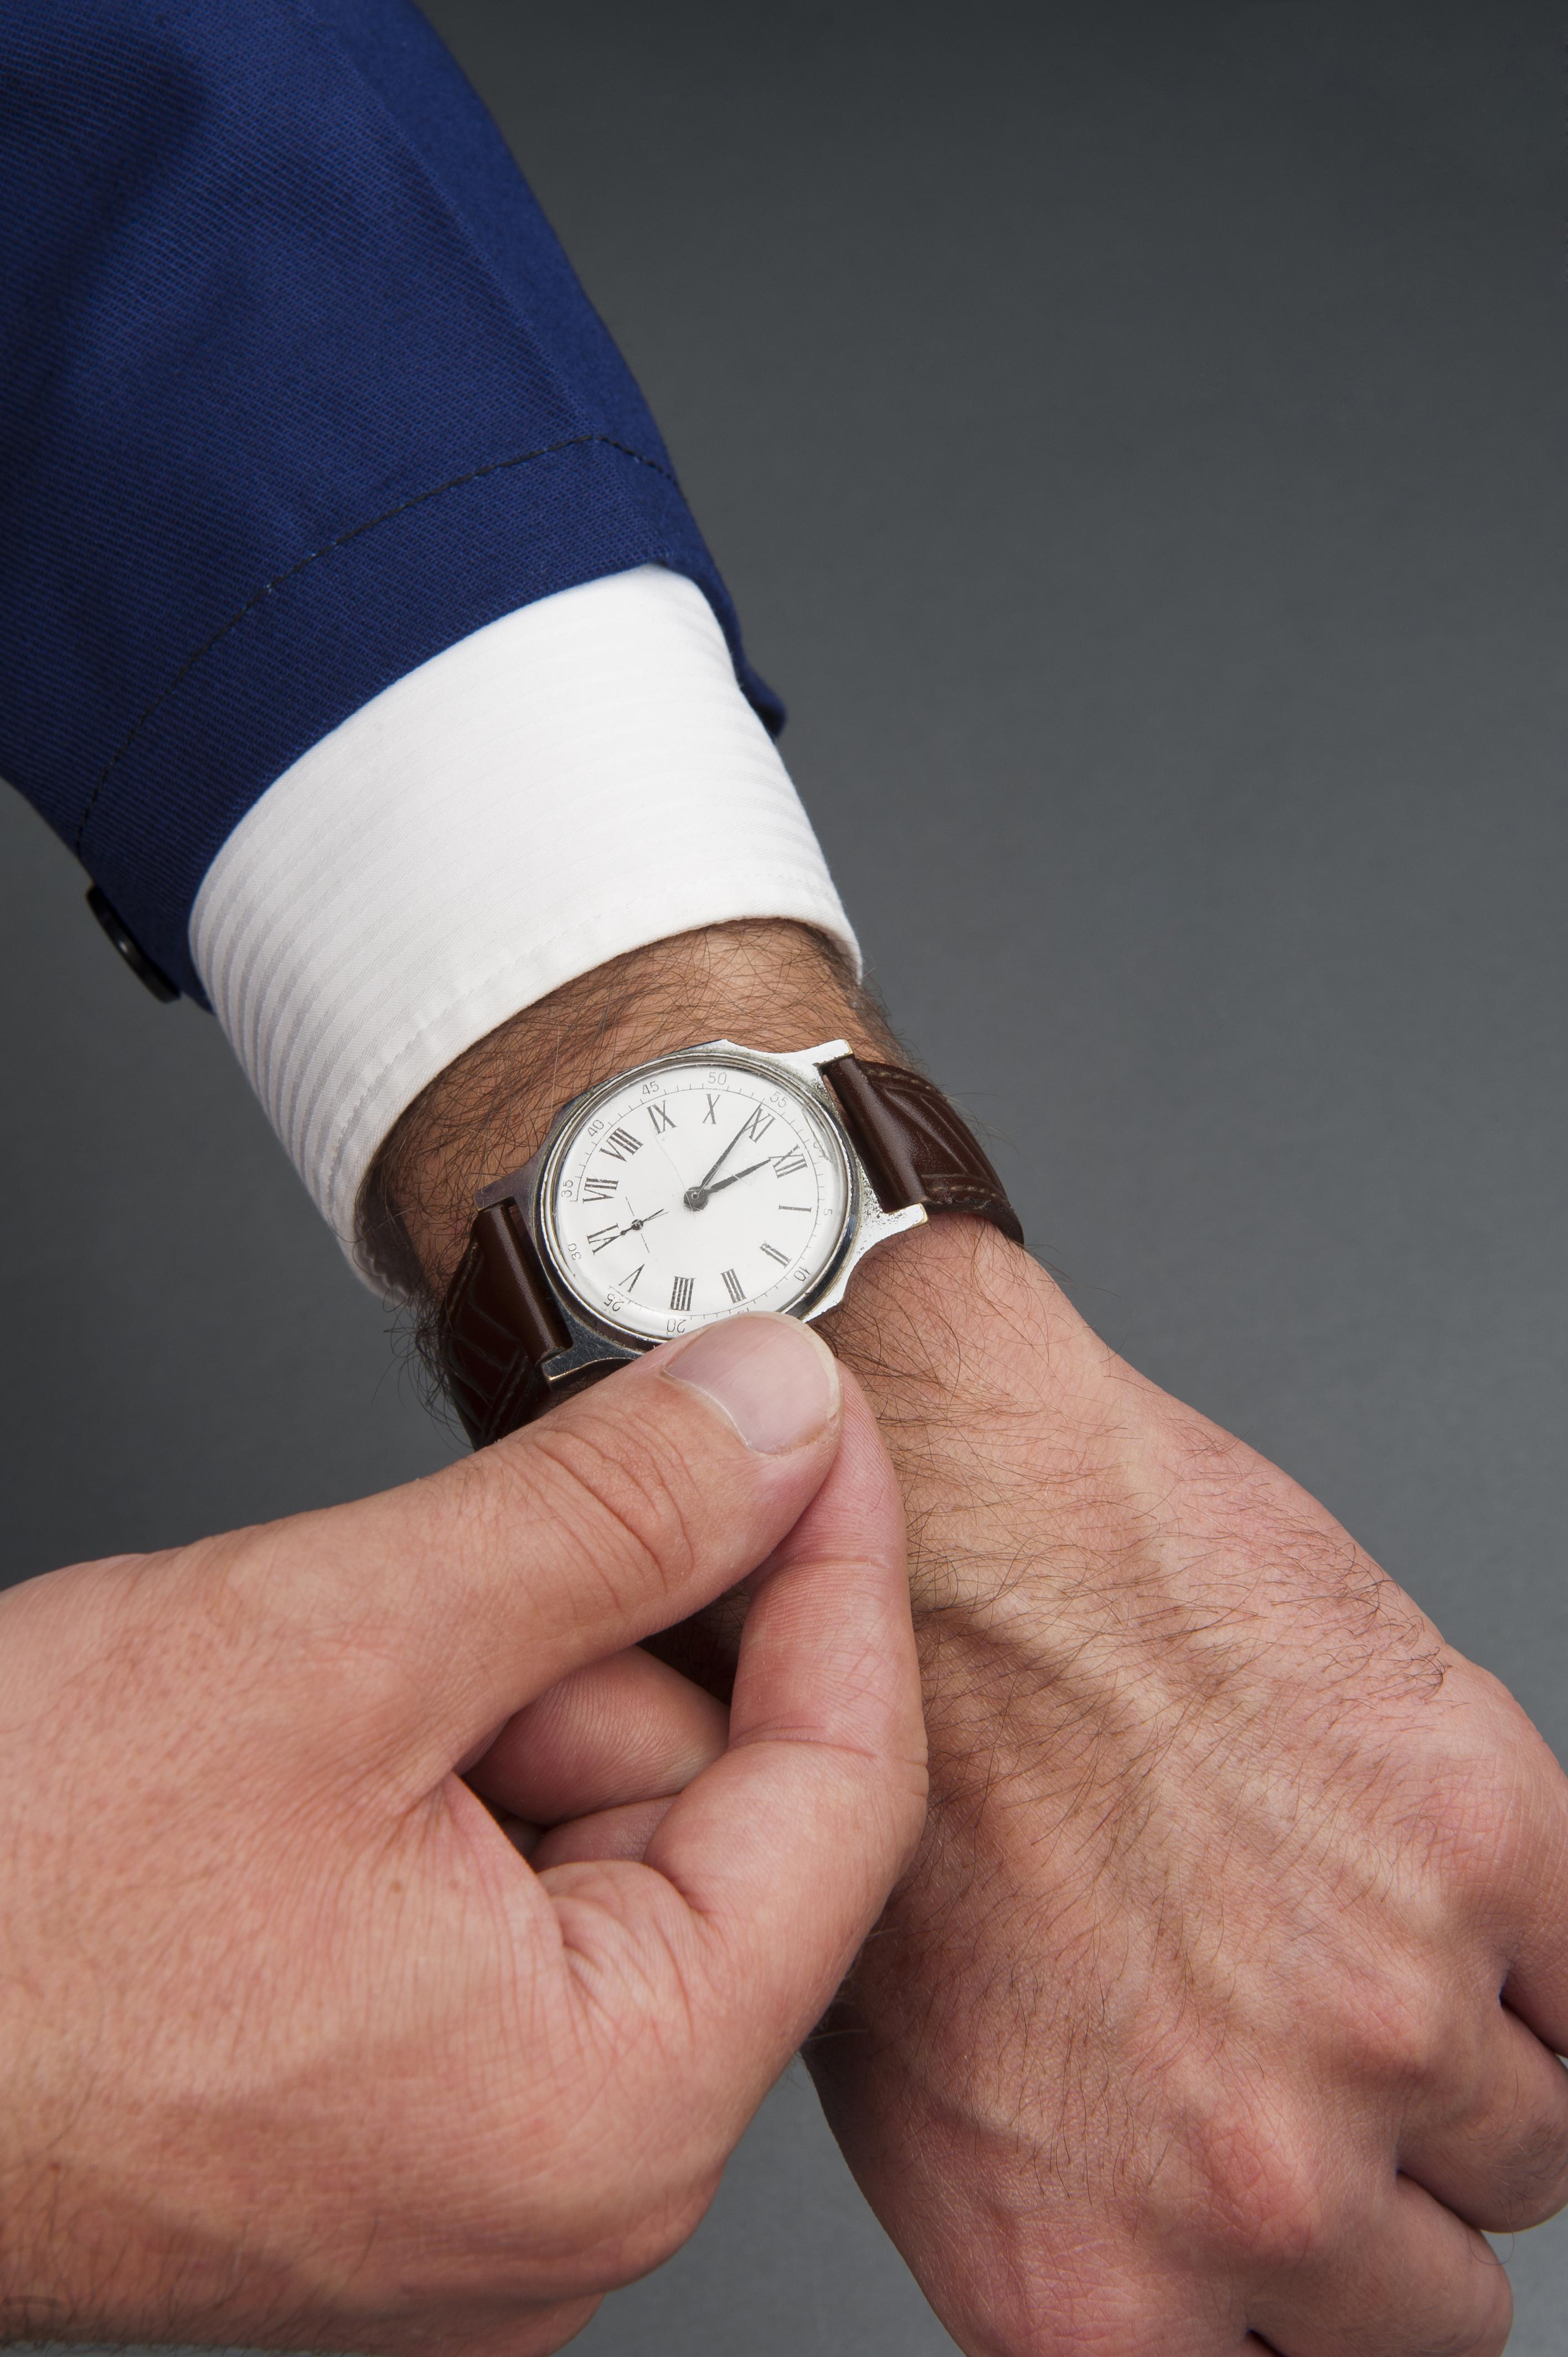 Adelantar una hora el reloj